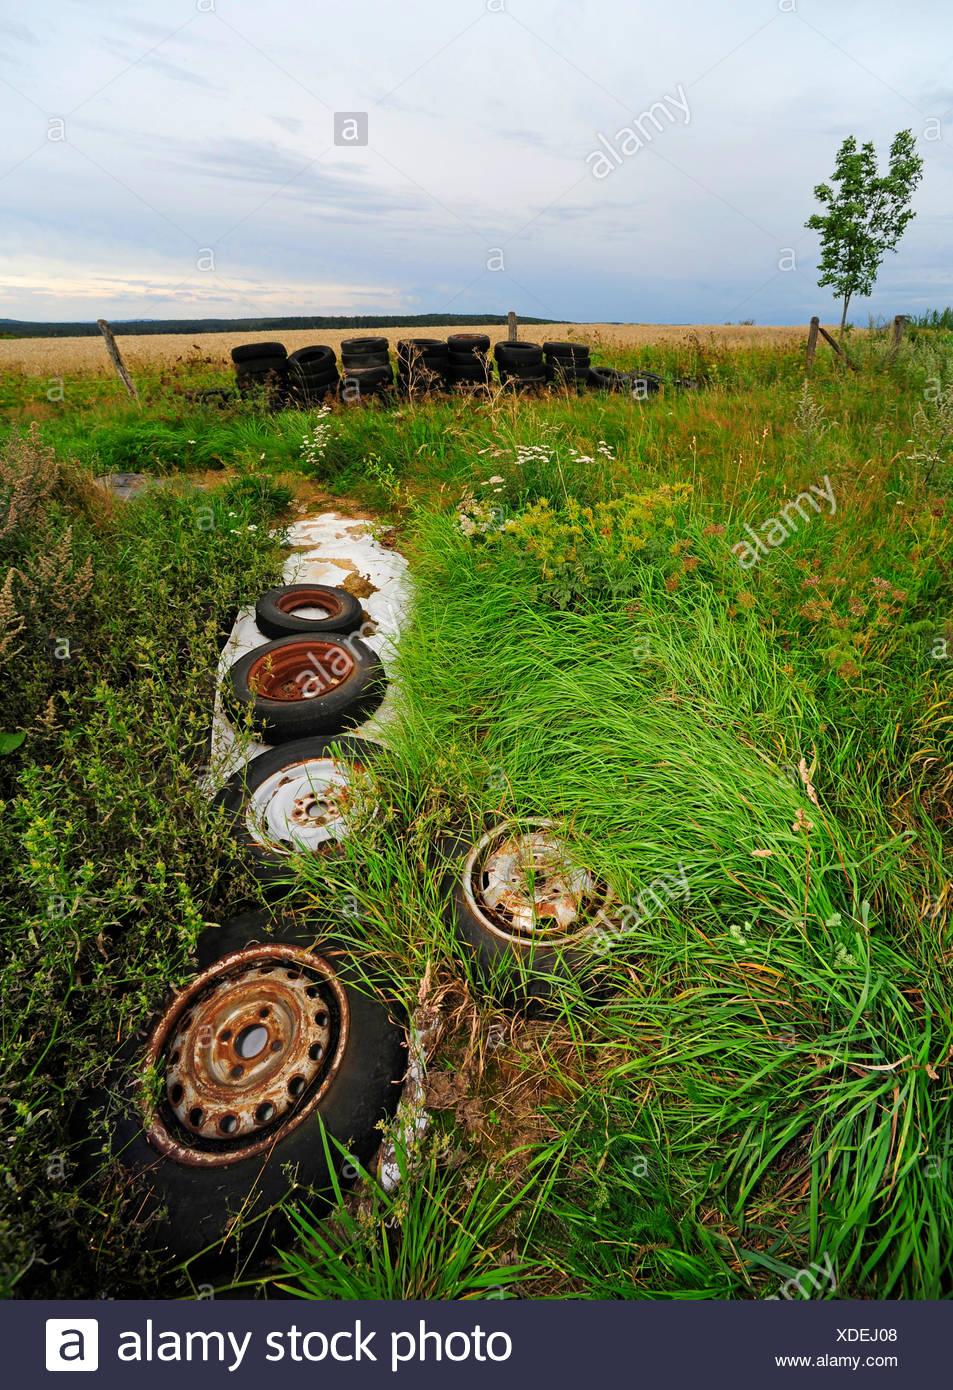 Il foglio di plastica e pneumatici vecchi su silo nel campo orizzontale , Germania, Hesse Immagini Stock